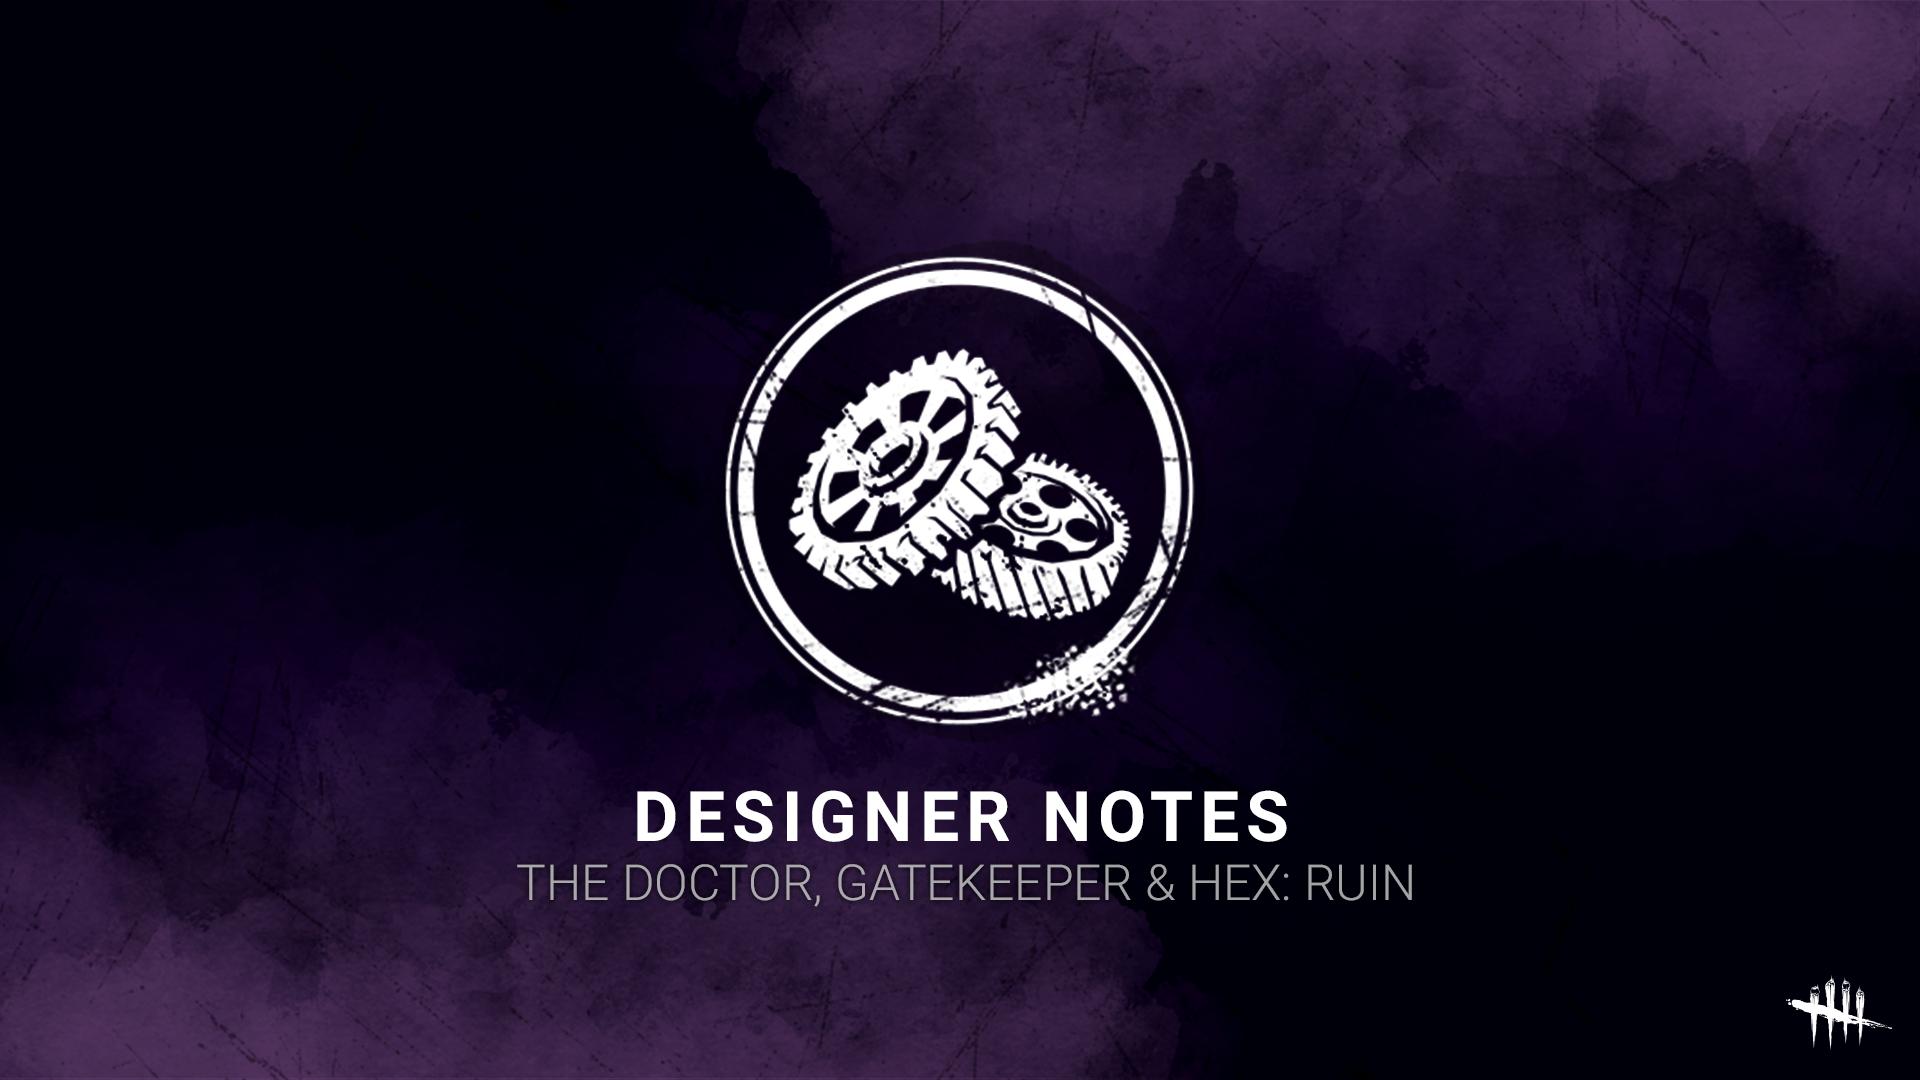 DesignerNotes2020.png